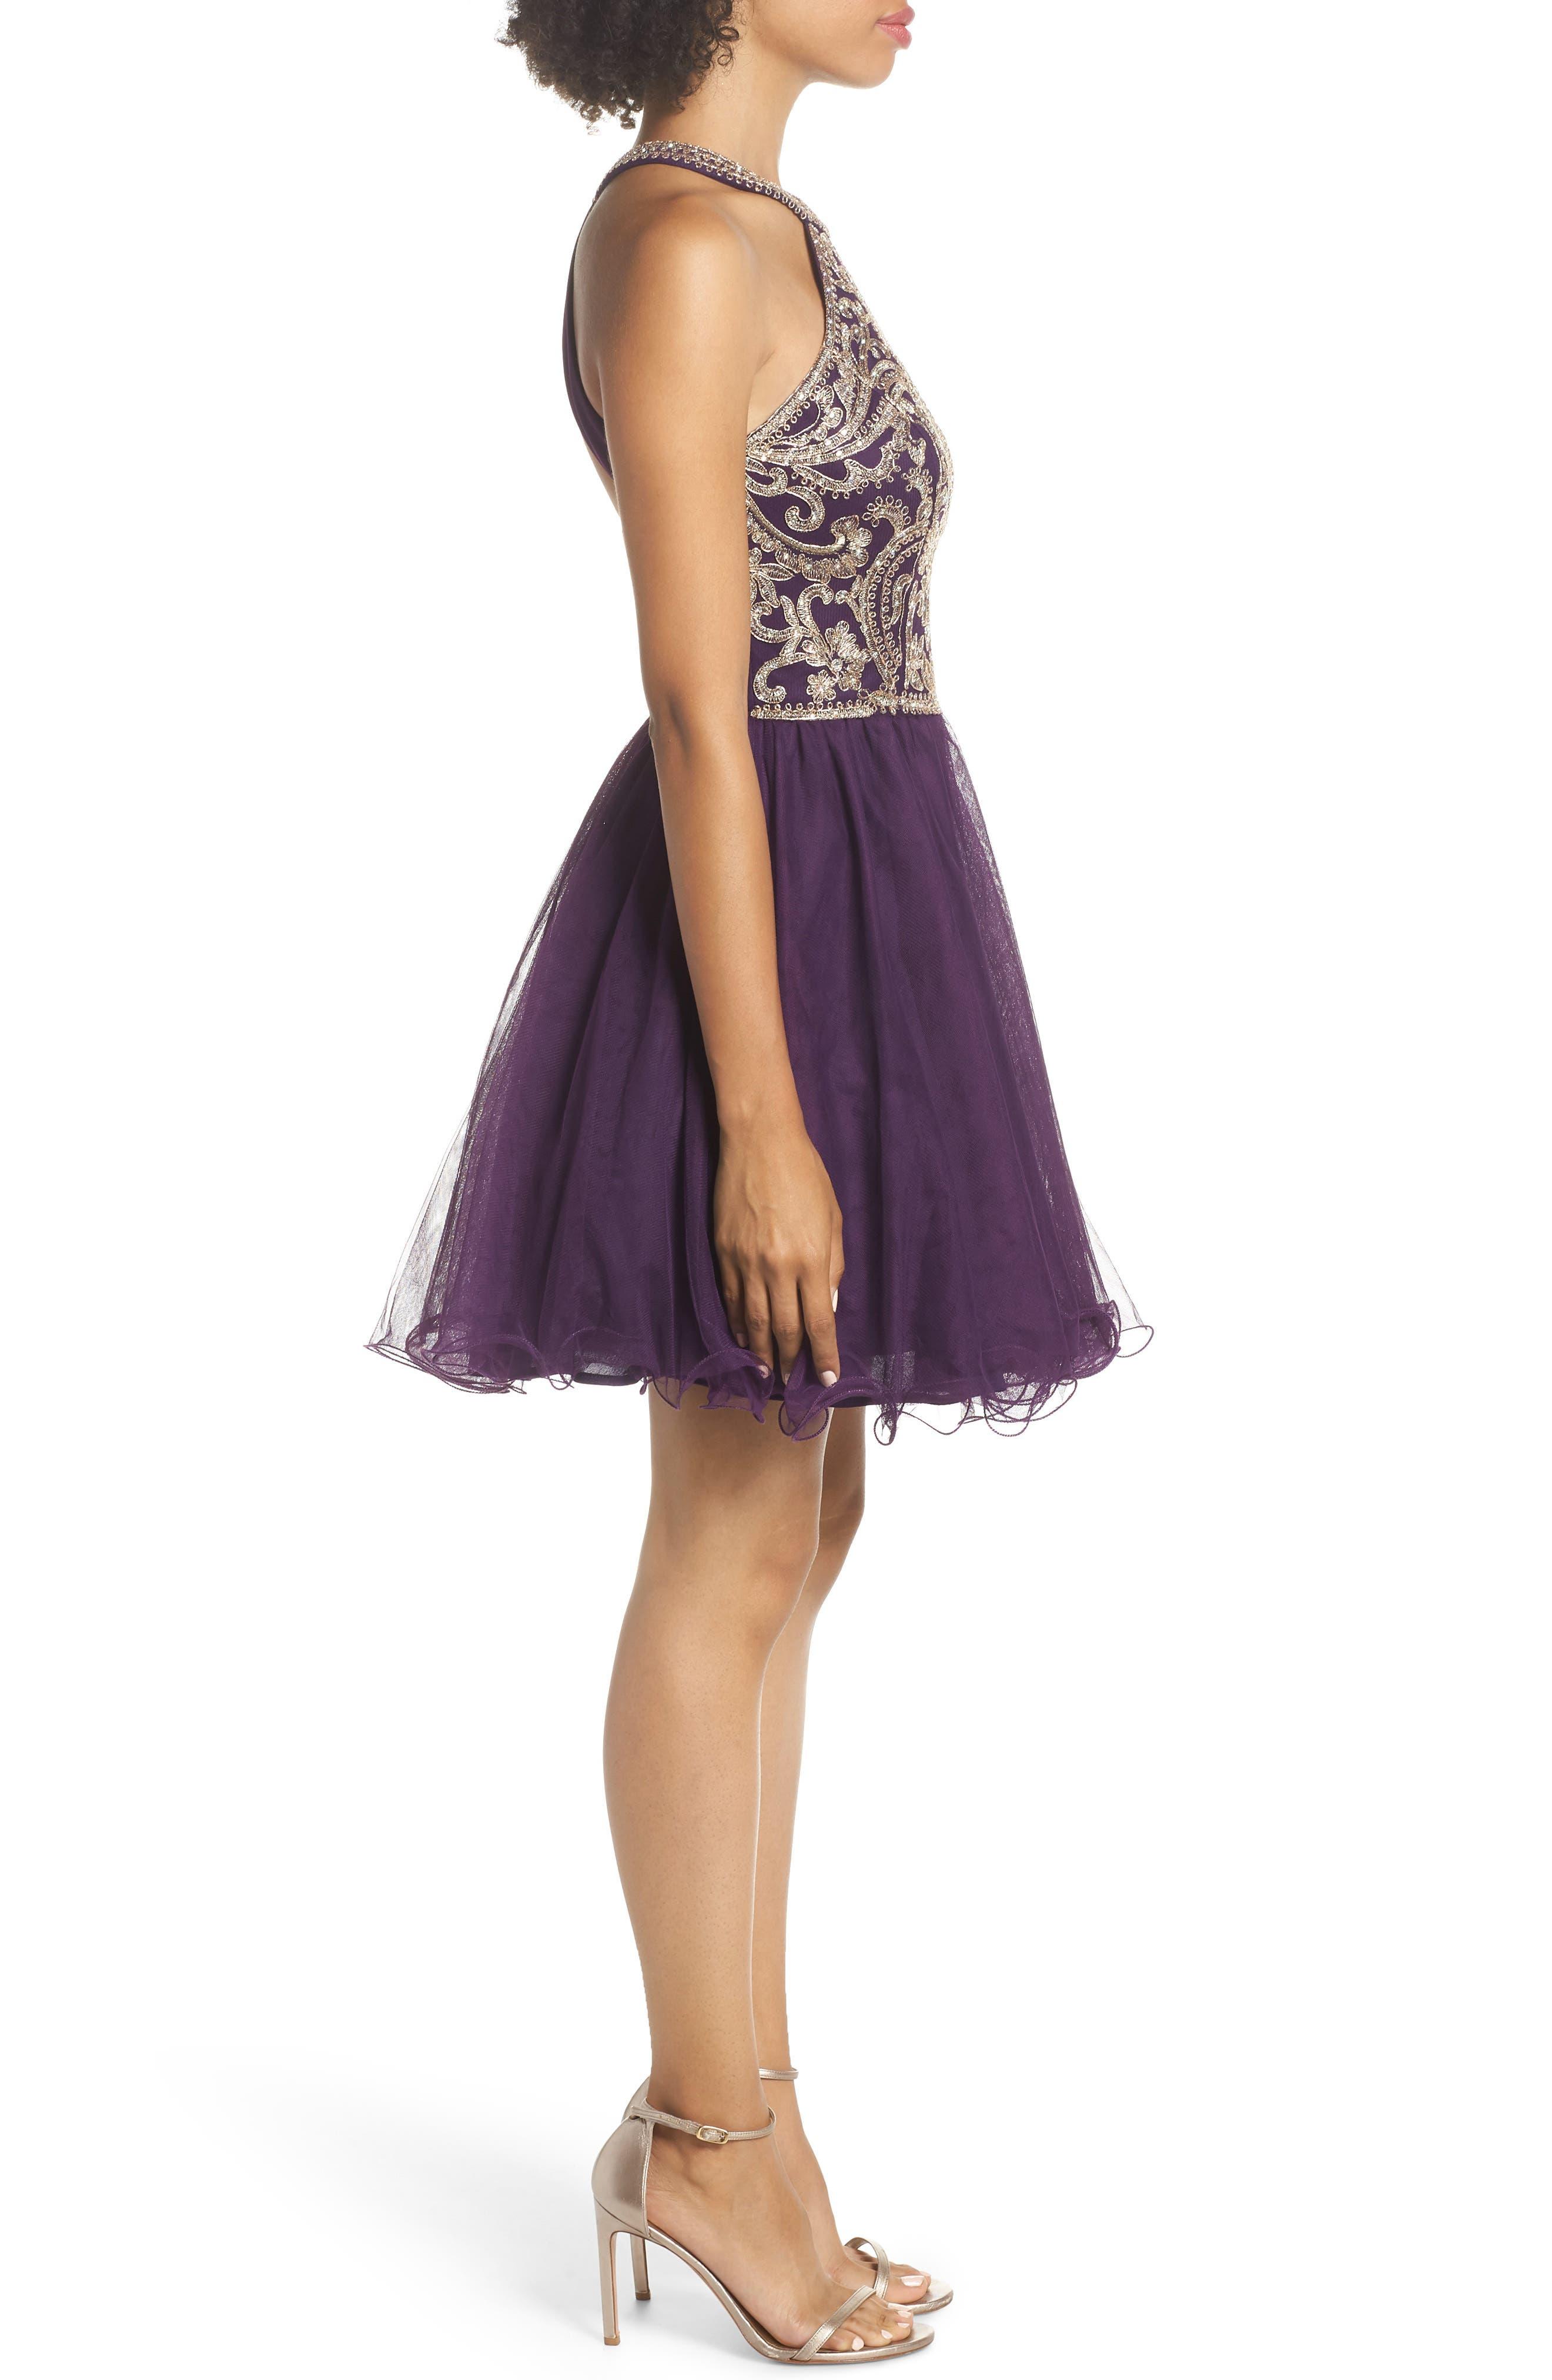 BLONDIE NITES,                             High Neck Appliqué Fit & Flare Dress,                             Alternate thumbnail 4, color,                             522